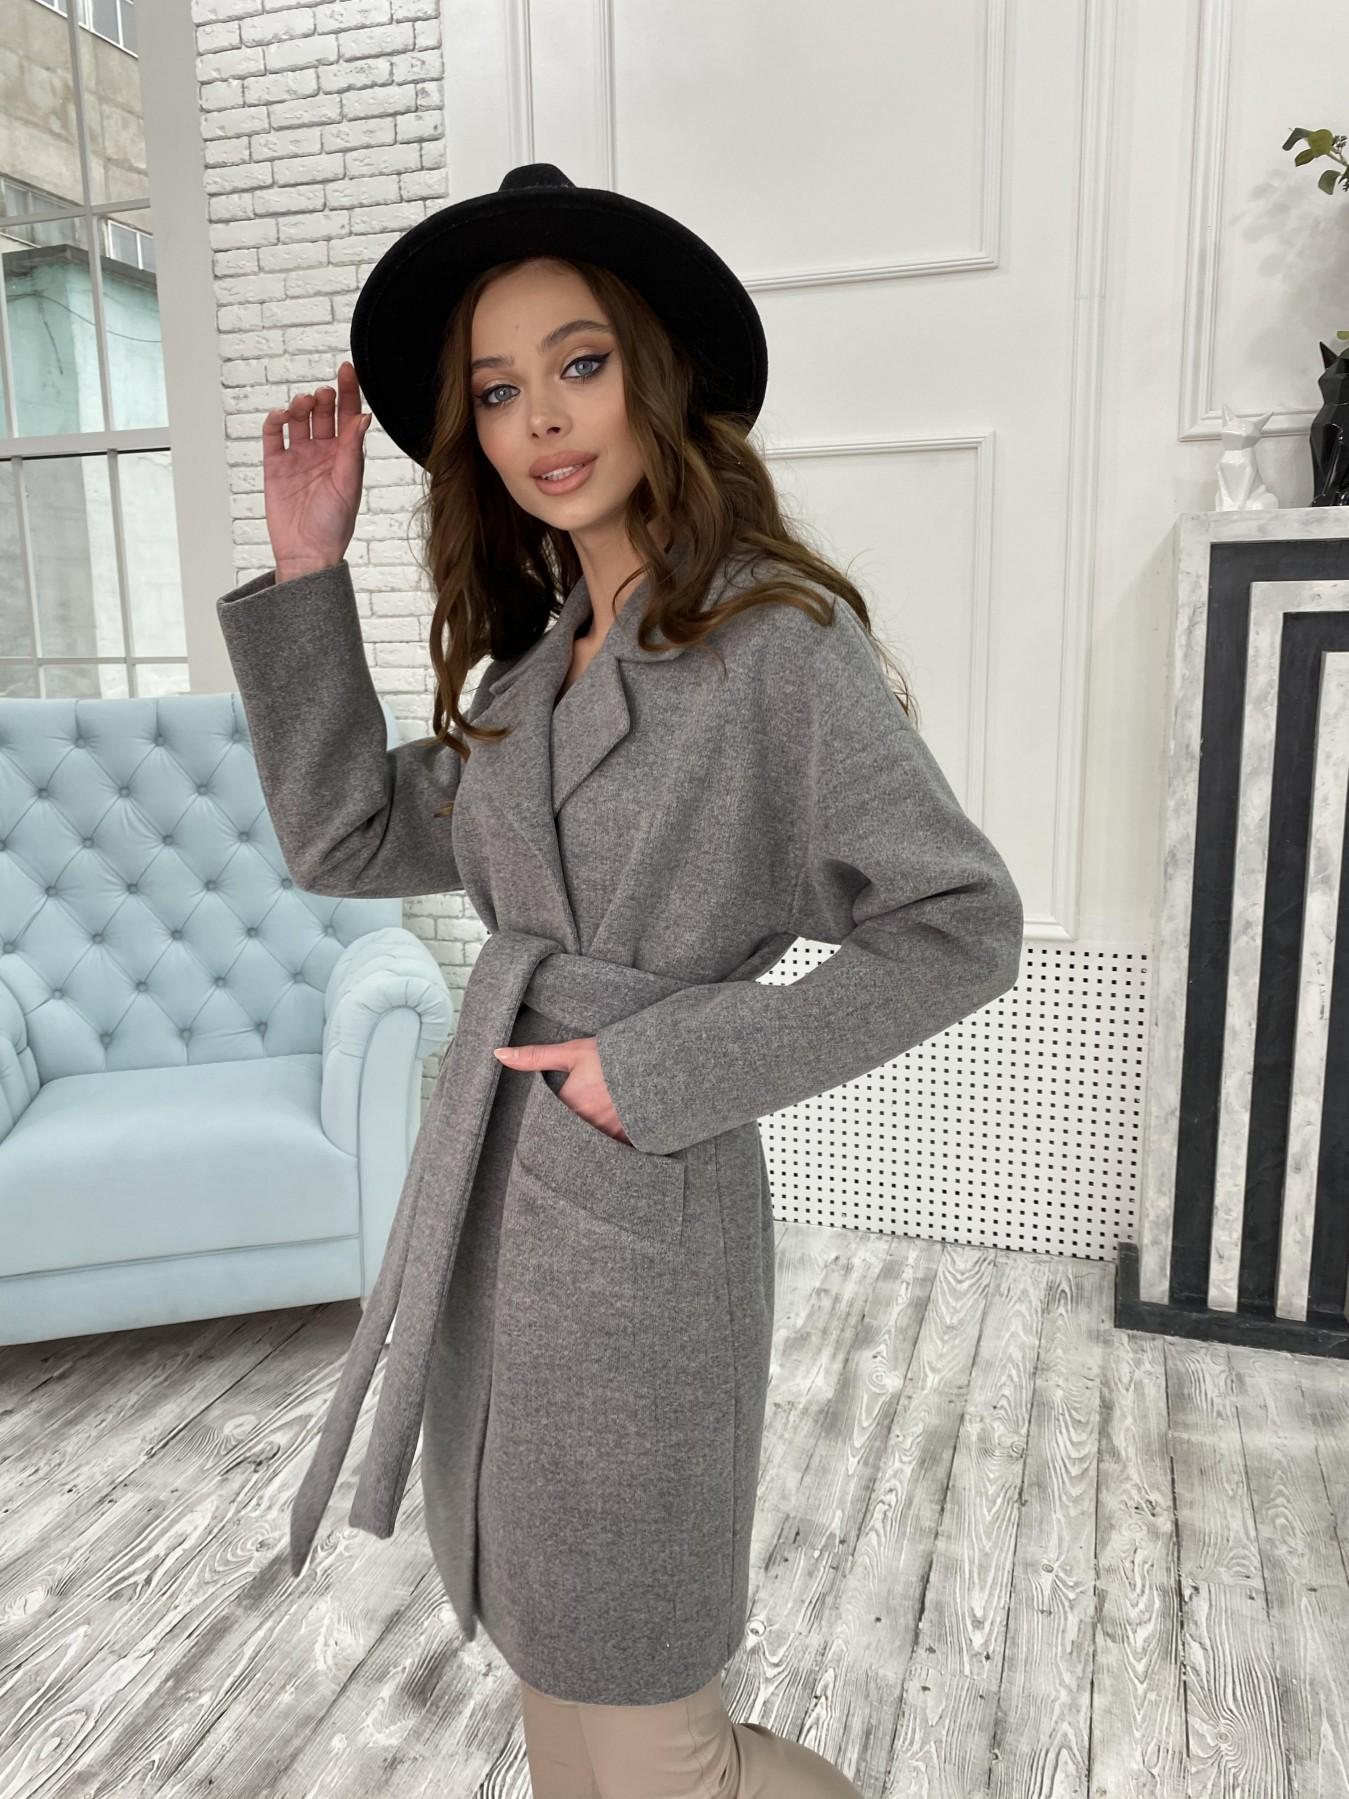 Сенсей пальто из кашемира меланж  10745 АРТ. 47226 Цвет: Серый 1 - фото 6, интернет магазин tm-modus.ru